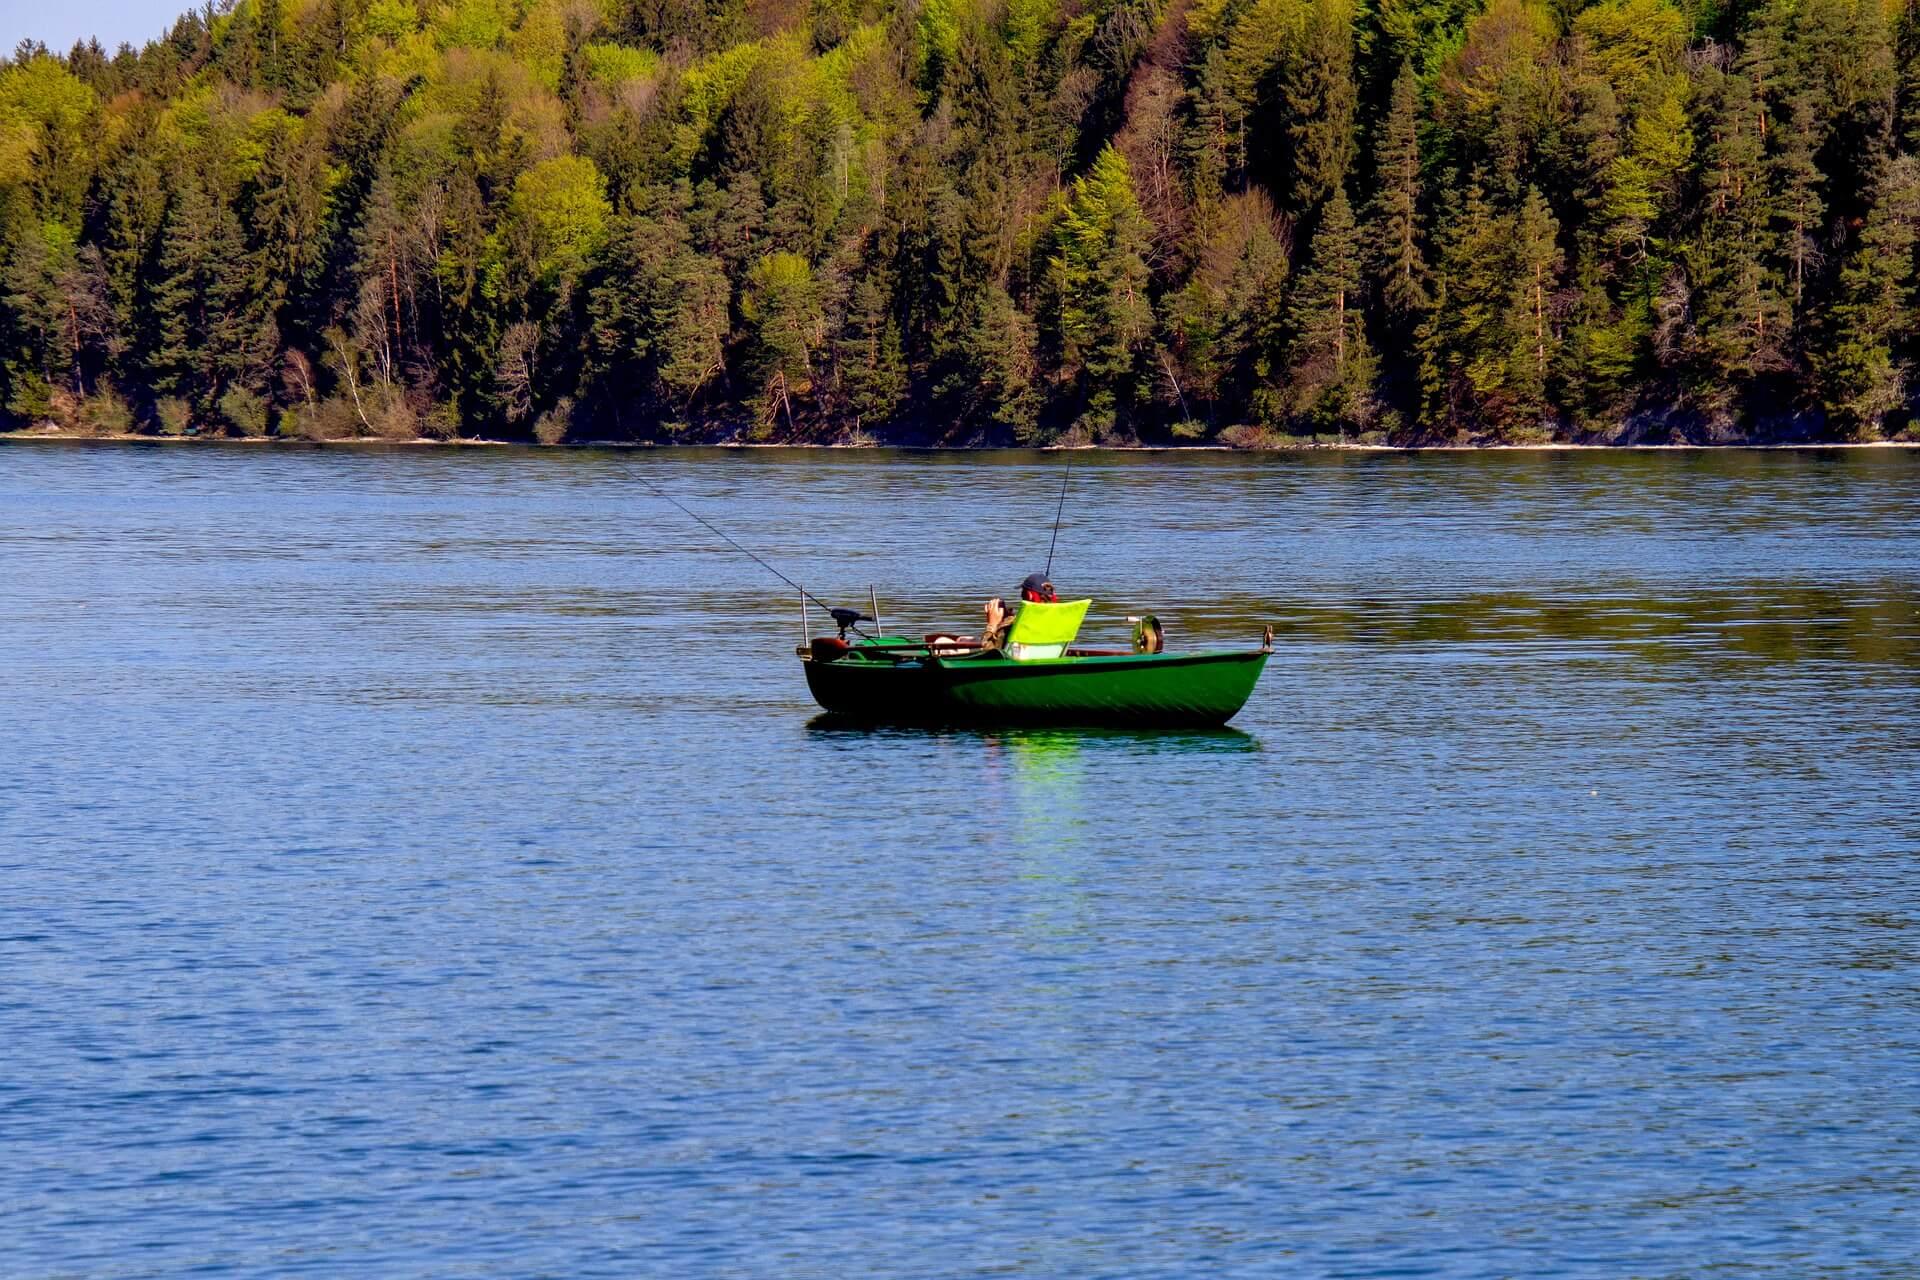 Ein Boot auf einem See mit Angler mit herbstlichen Bäumen im Hintergrund.